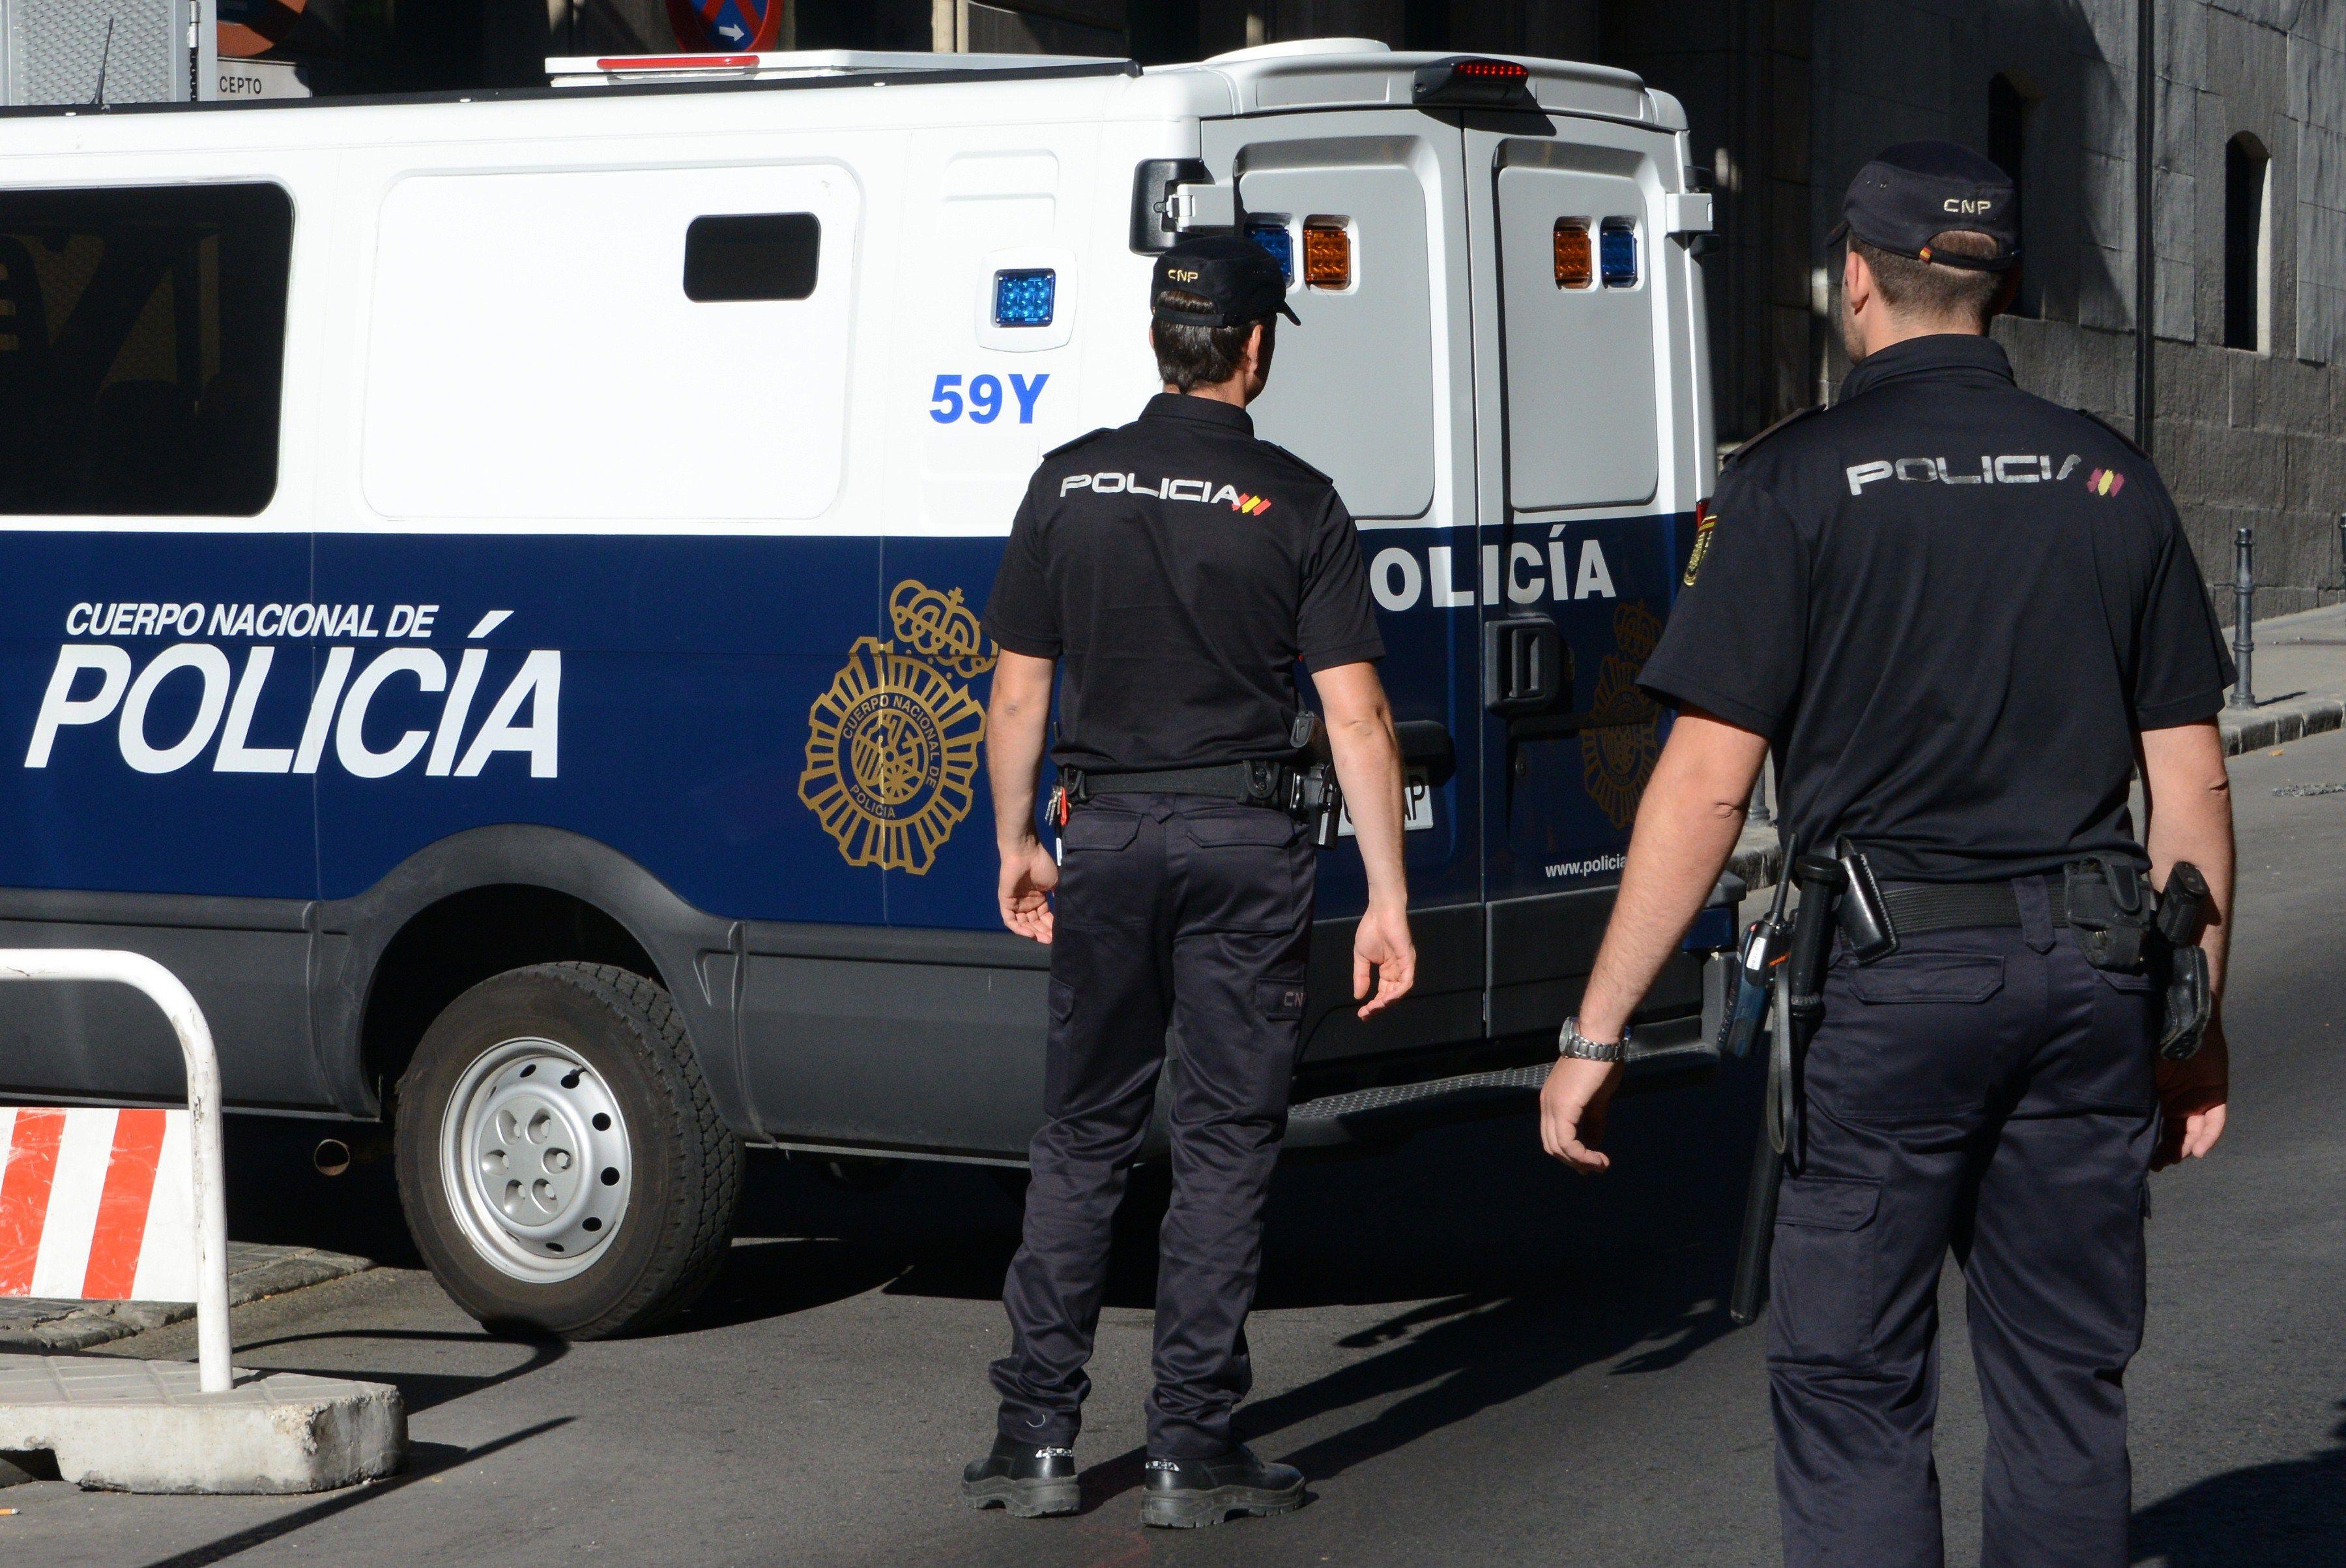 الشرطة الإسبانية تعتقل مغربيا بتهمة تجنيد عناصر لتنظيم الدولة الإسلامية